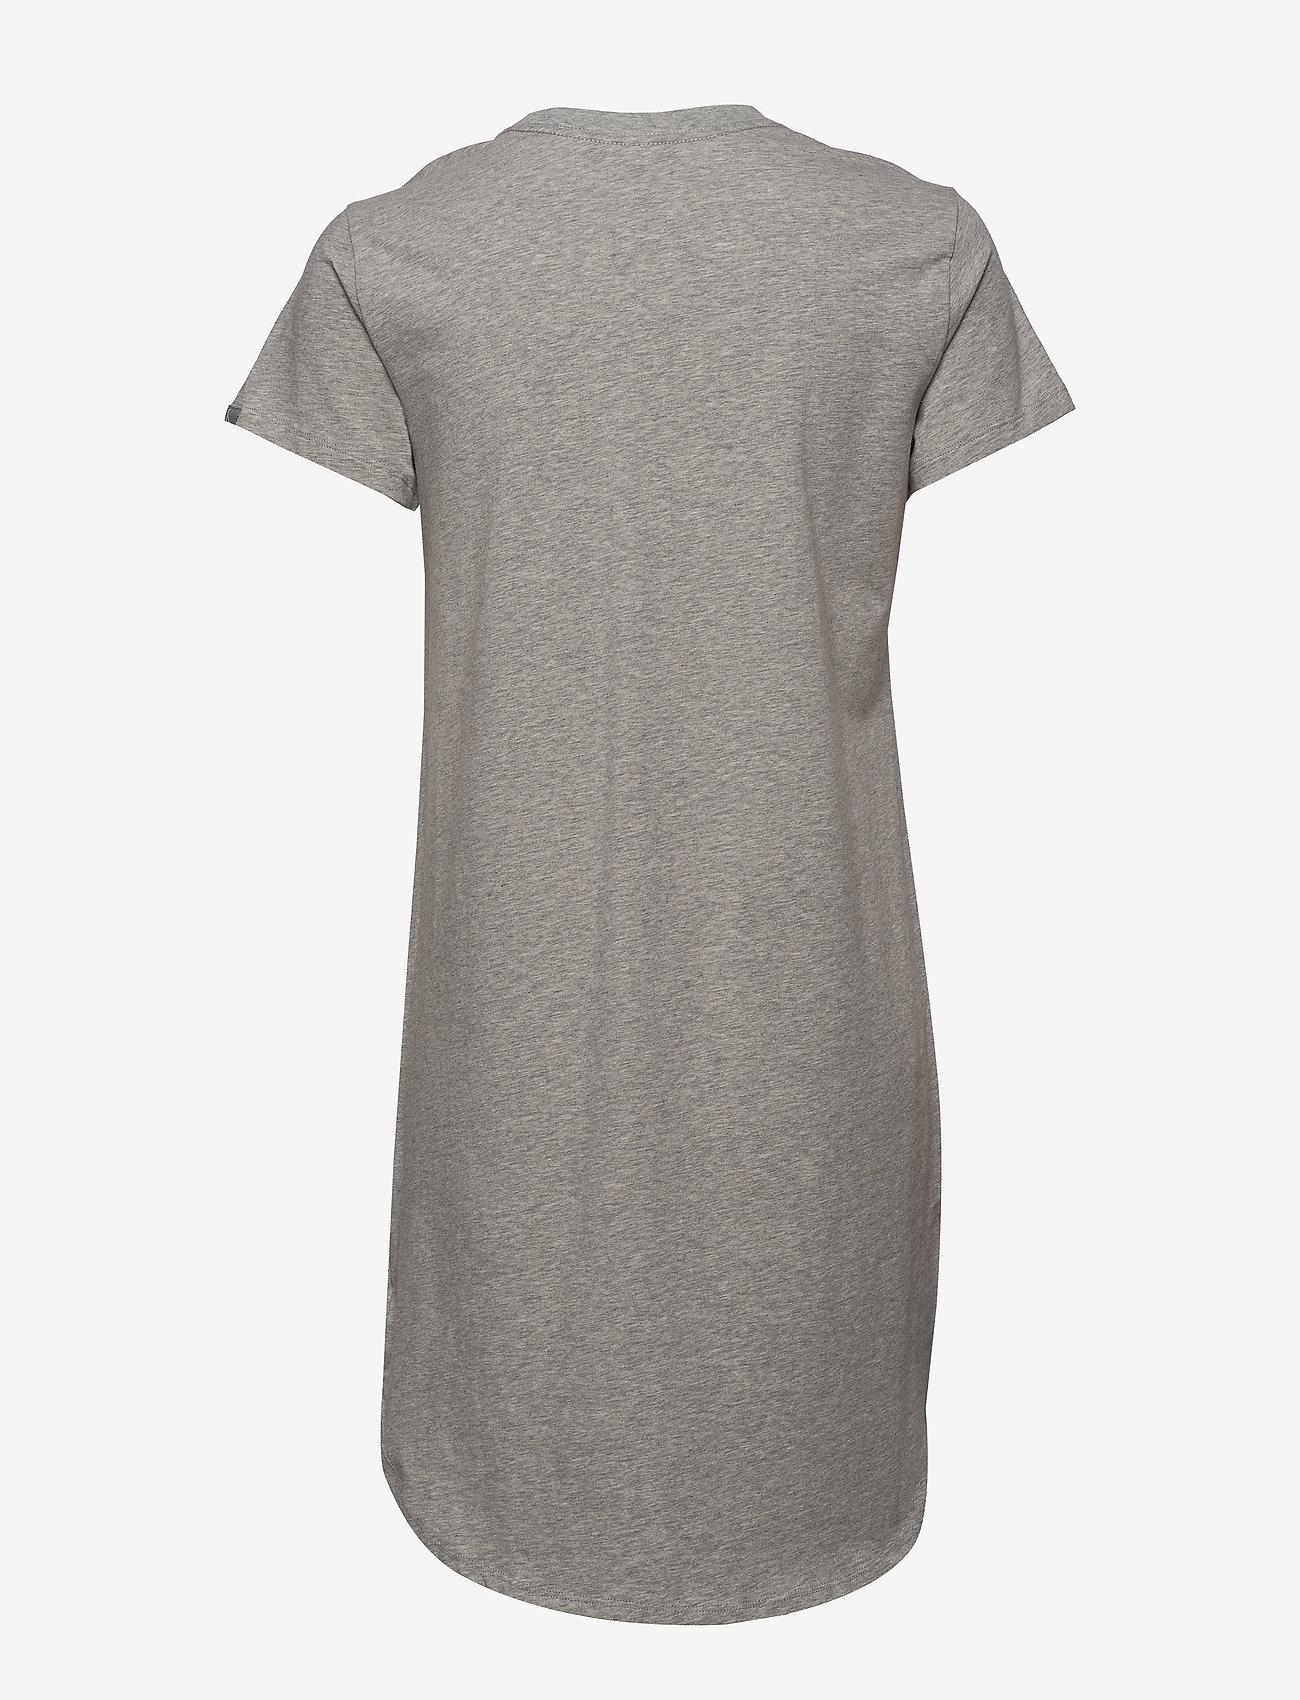 Calvin Klein - S/S NIGHTSHIRT - koszulki do spania - grey heather - 1